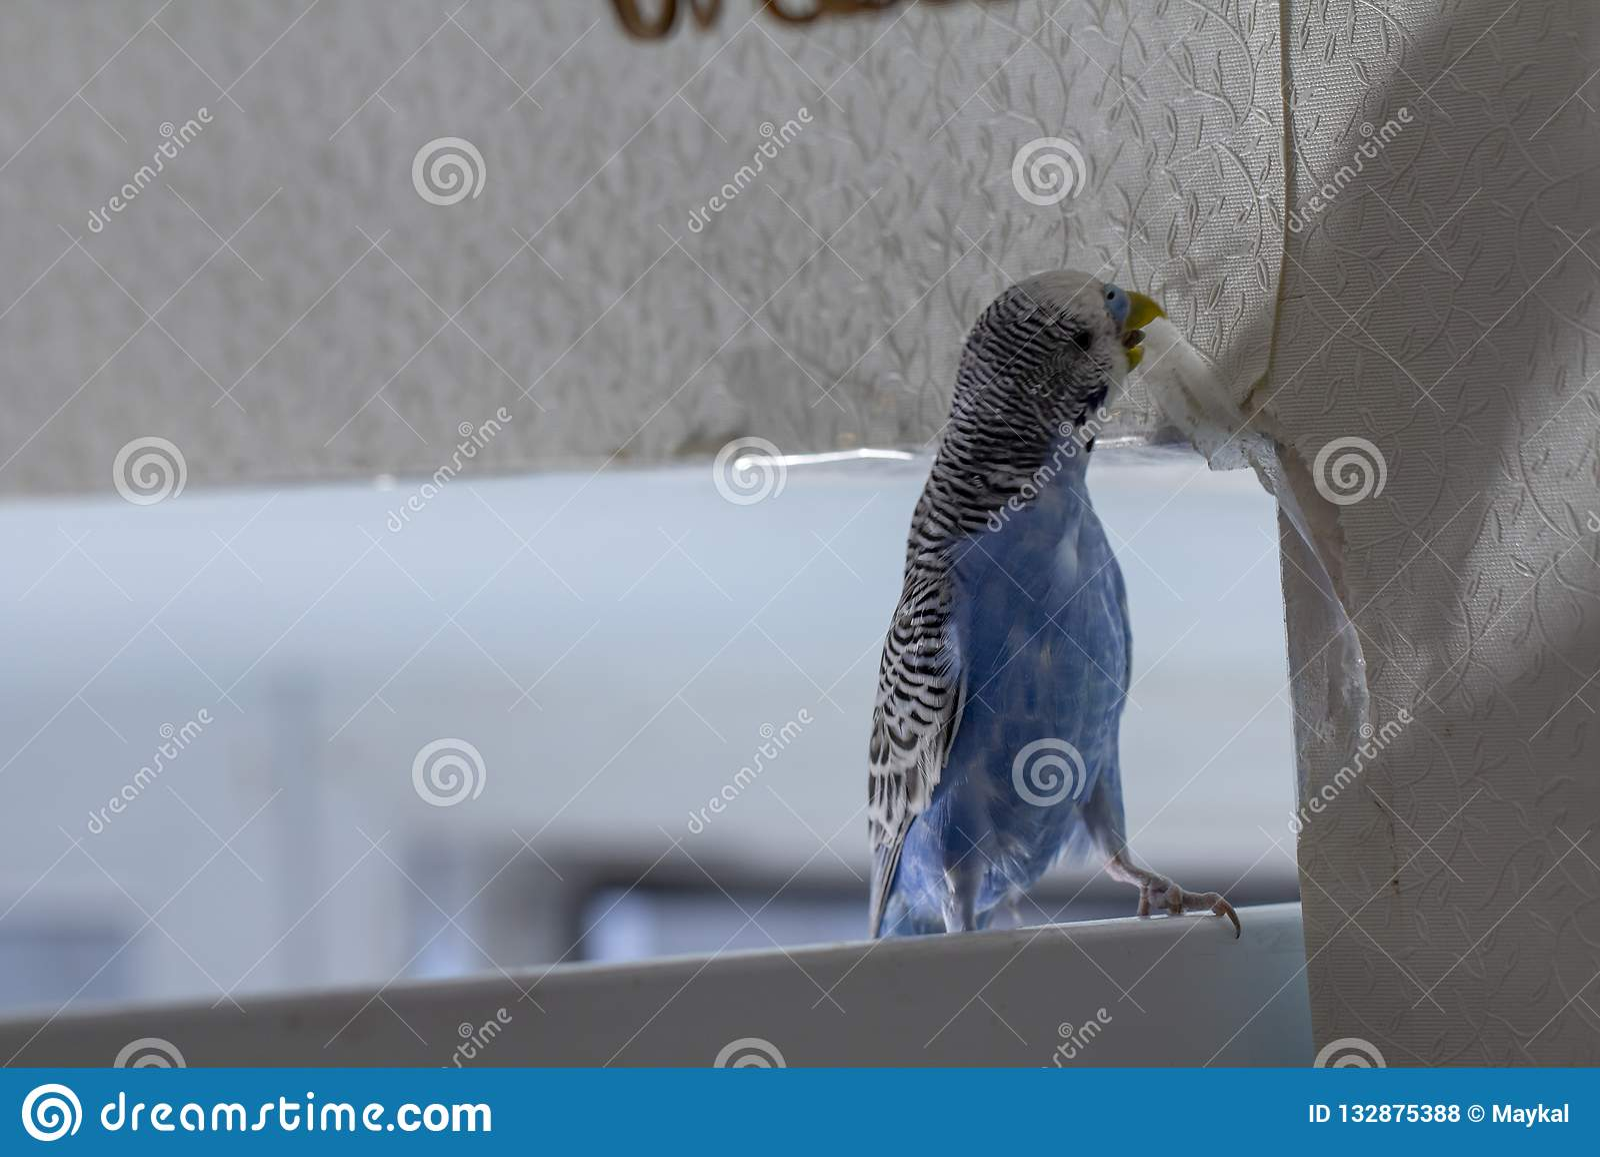 Λίγος μπλε κυματιστός παπαγάλος, που κάθεται σε έναν κλάδο, ροκανίζει τα δάκρυα γρατσουνίζει τον τοίχο, προκαλώντας τη ζημιά στην